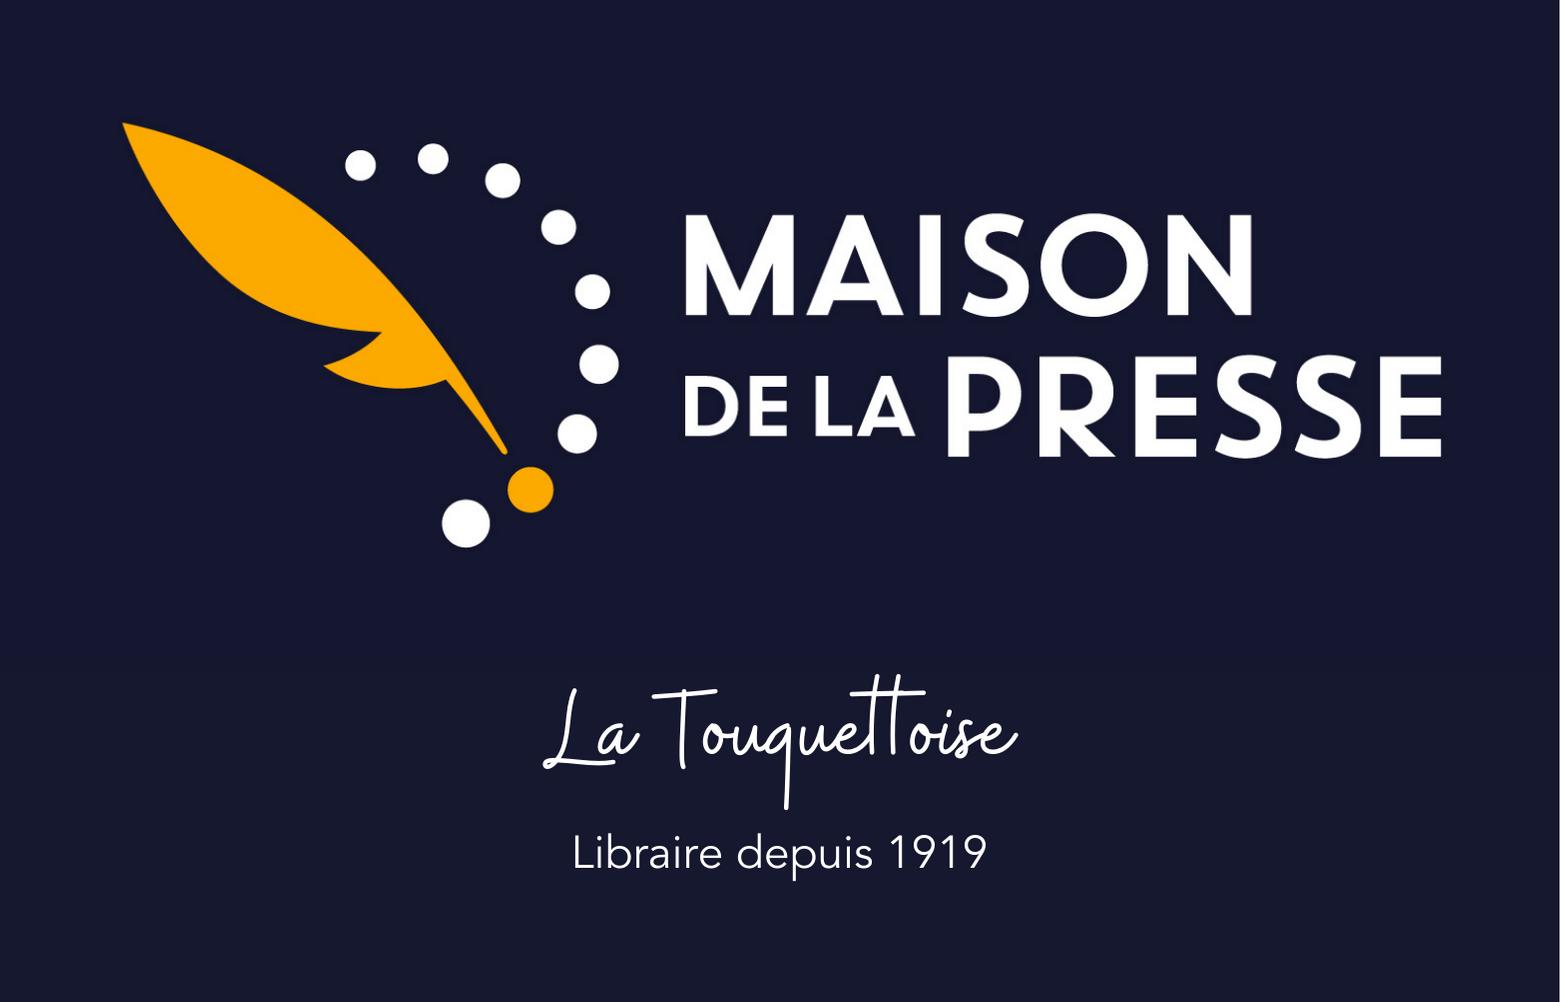 Maison de la presse du Touquet